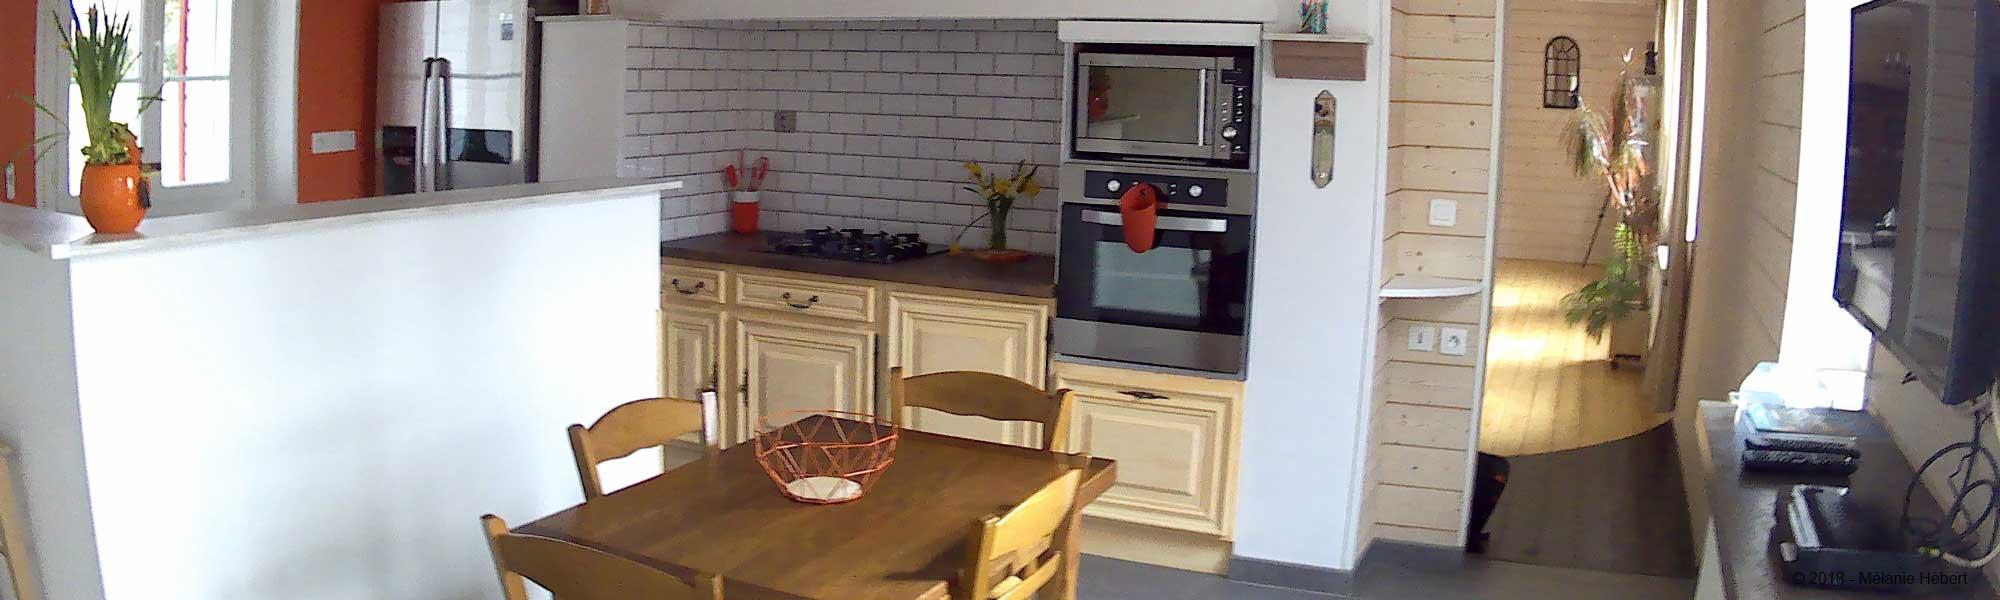 La cuisine du Gîte du Marronnier de Meneslies